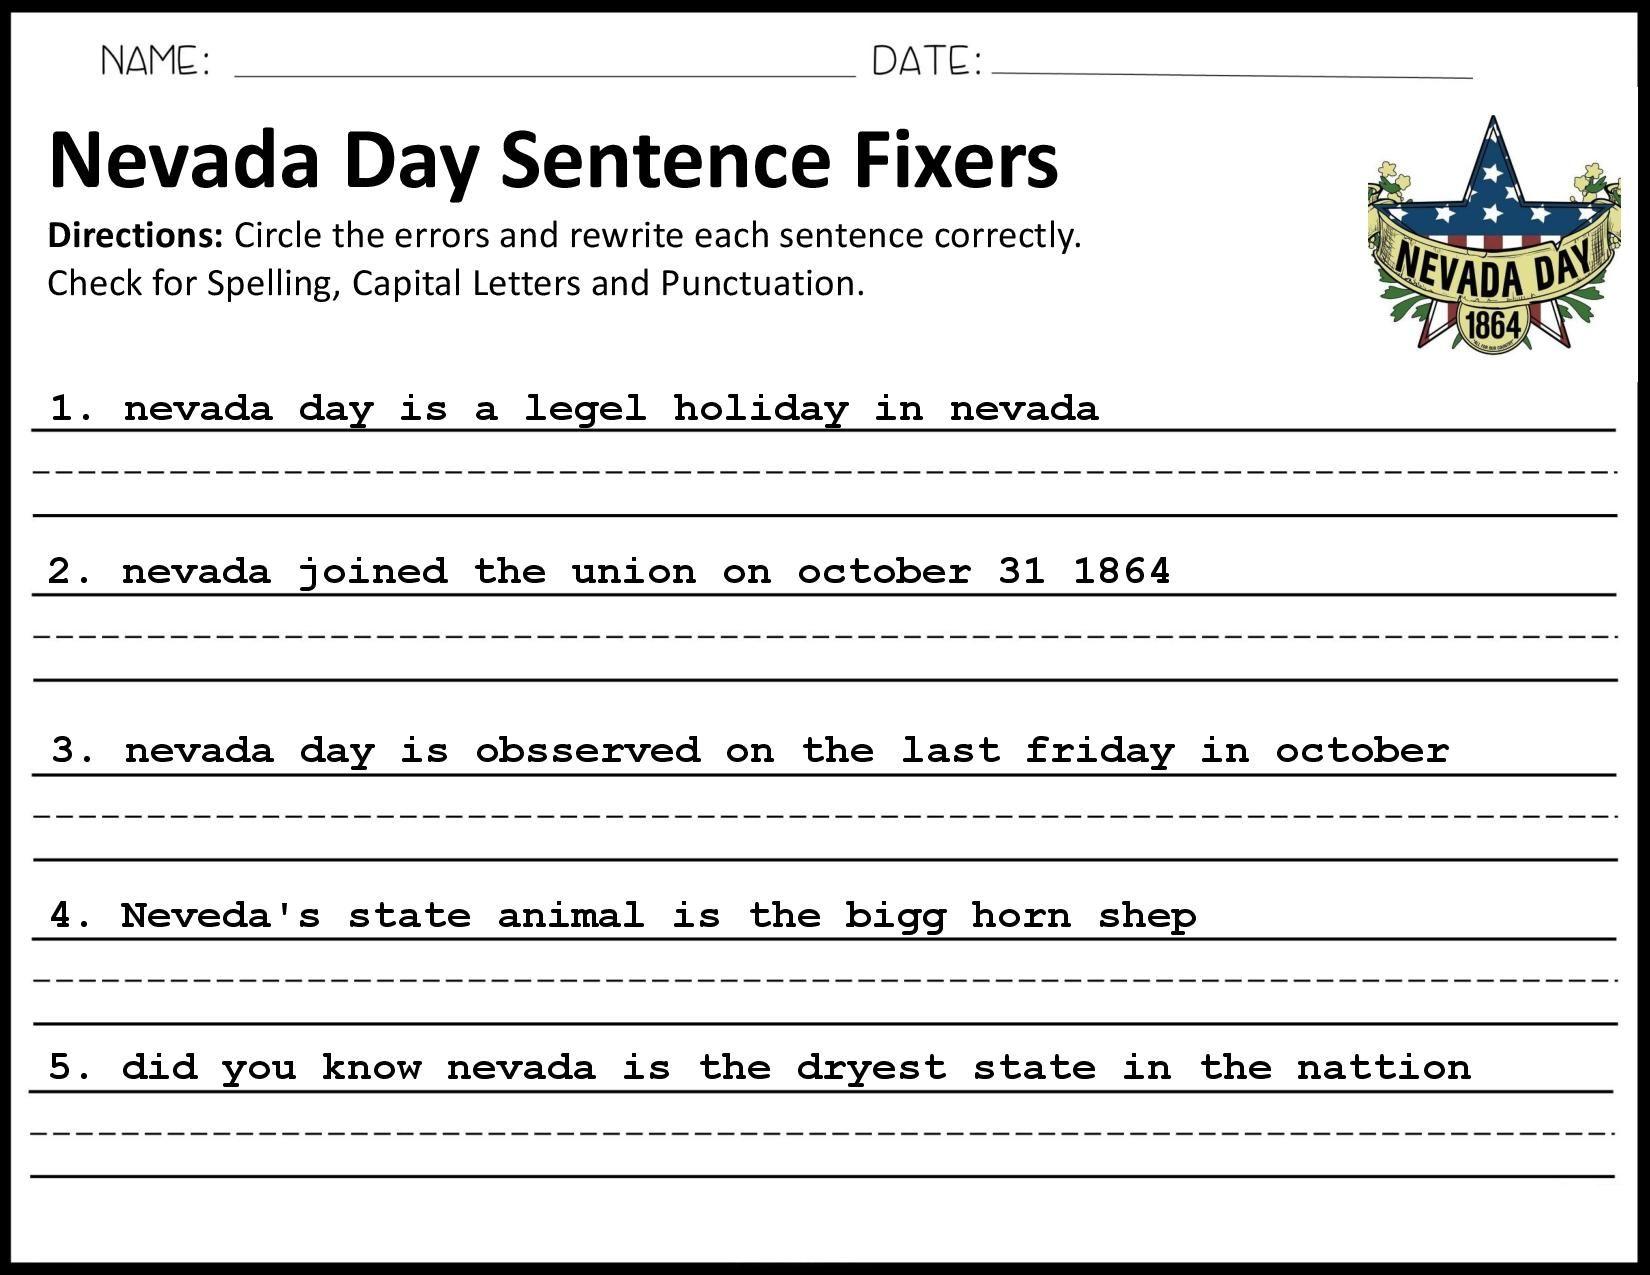 Nevada Day Sentence Fixer In 2020 Sentence Fixer Nevada Day Sentences